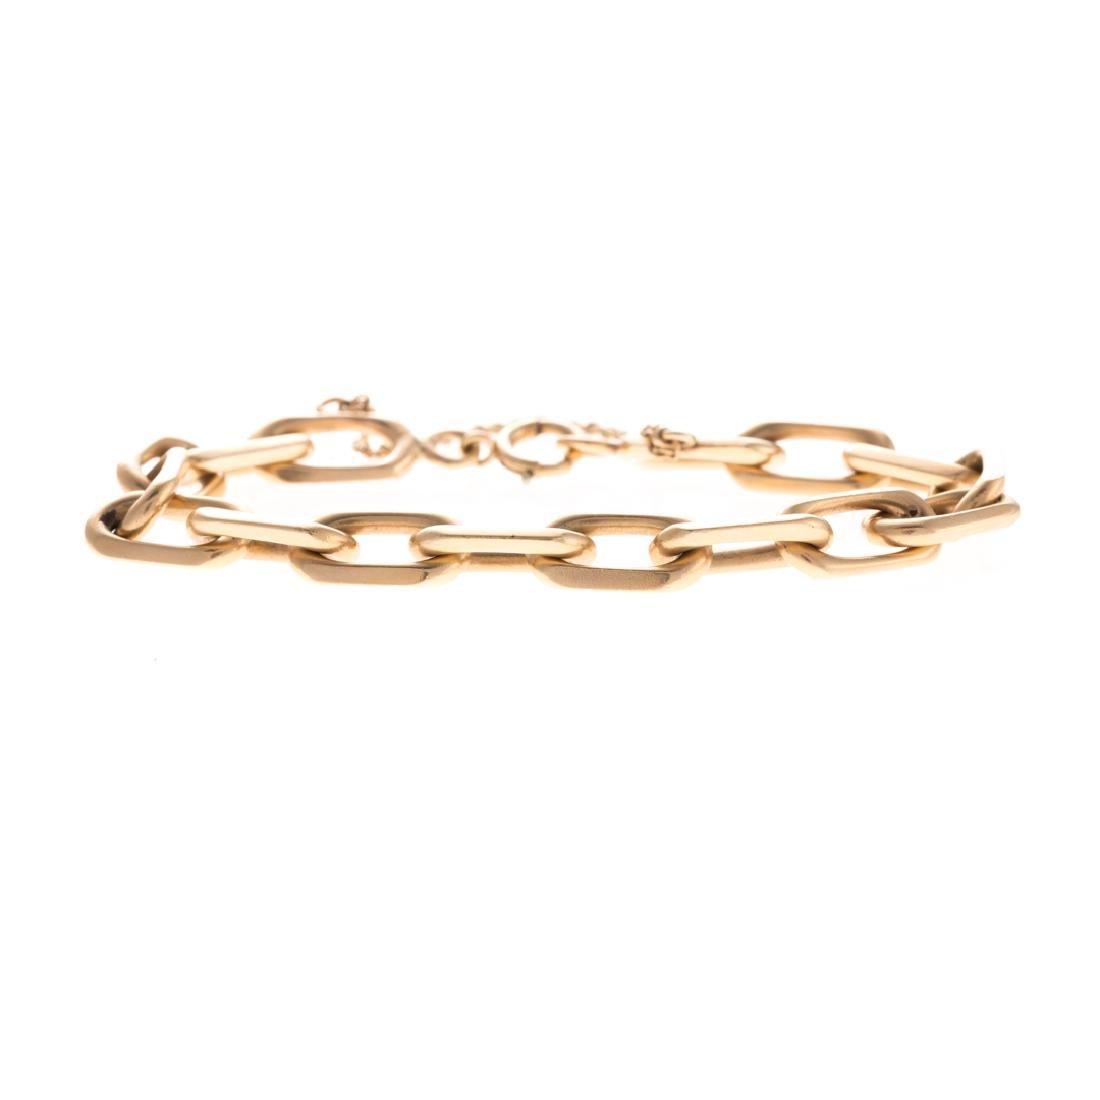 A Lady's Open Link Bracelet in 14K Gold